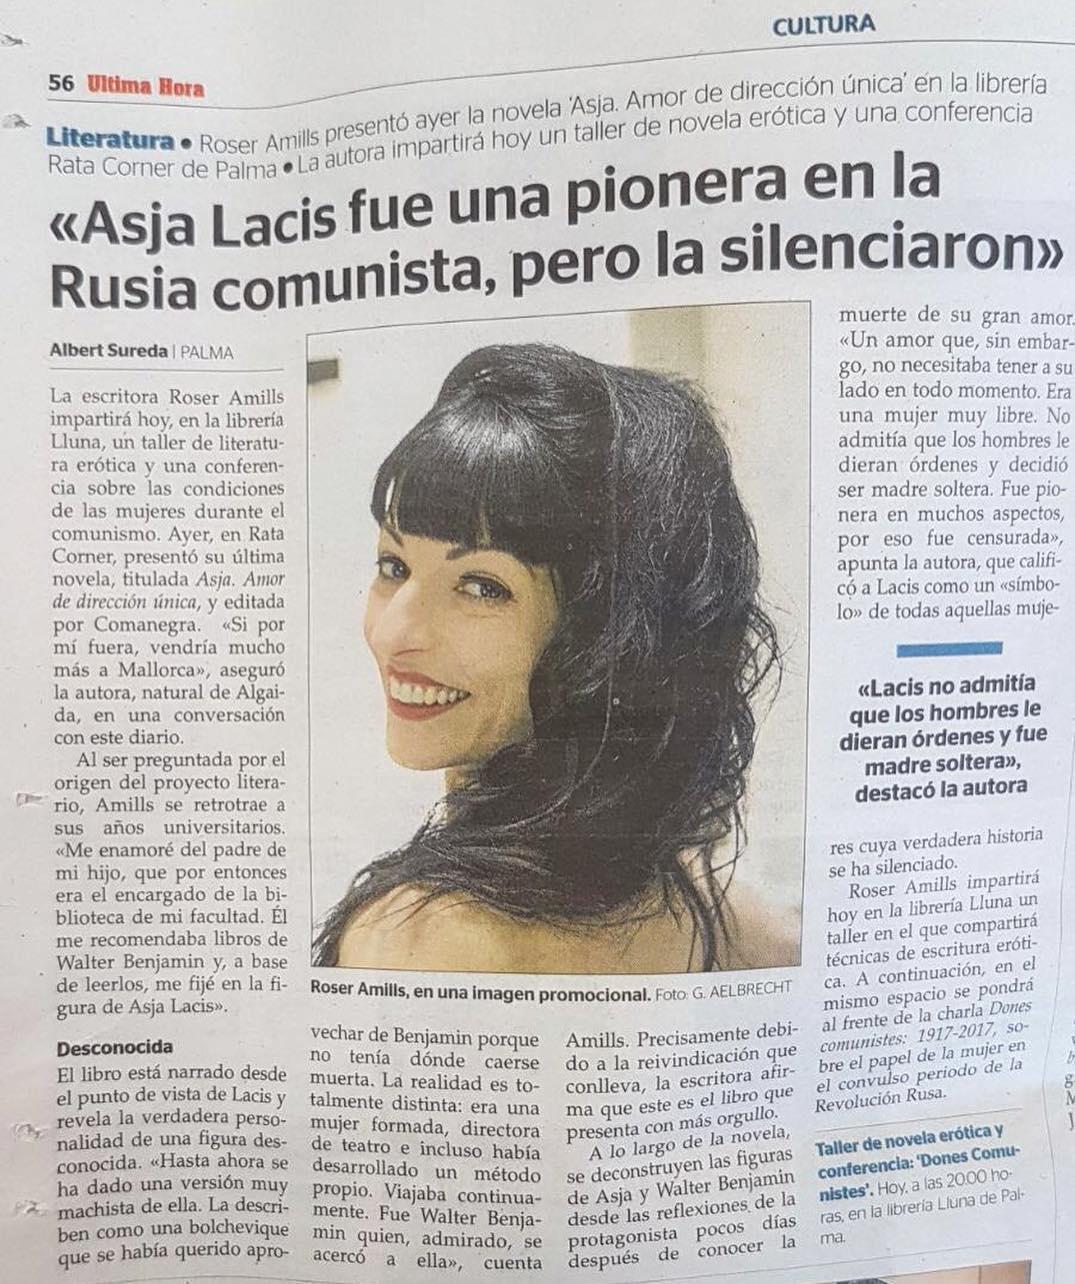 roser amills entrevista #asjalacis merece vuestra atención: no fue sólo la amante de #walterbenjamin